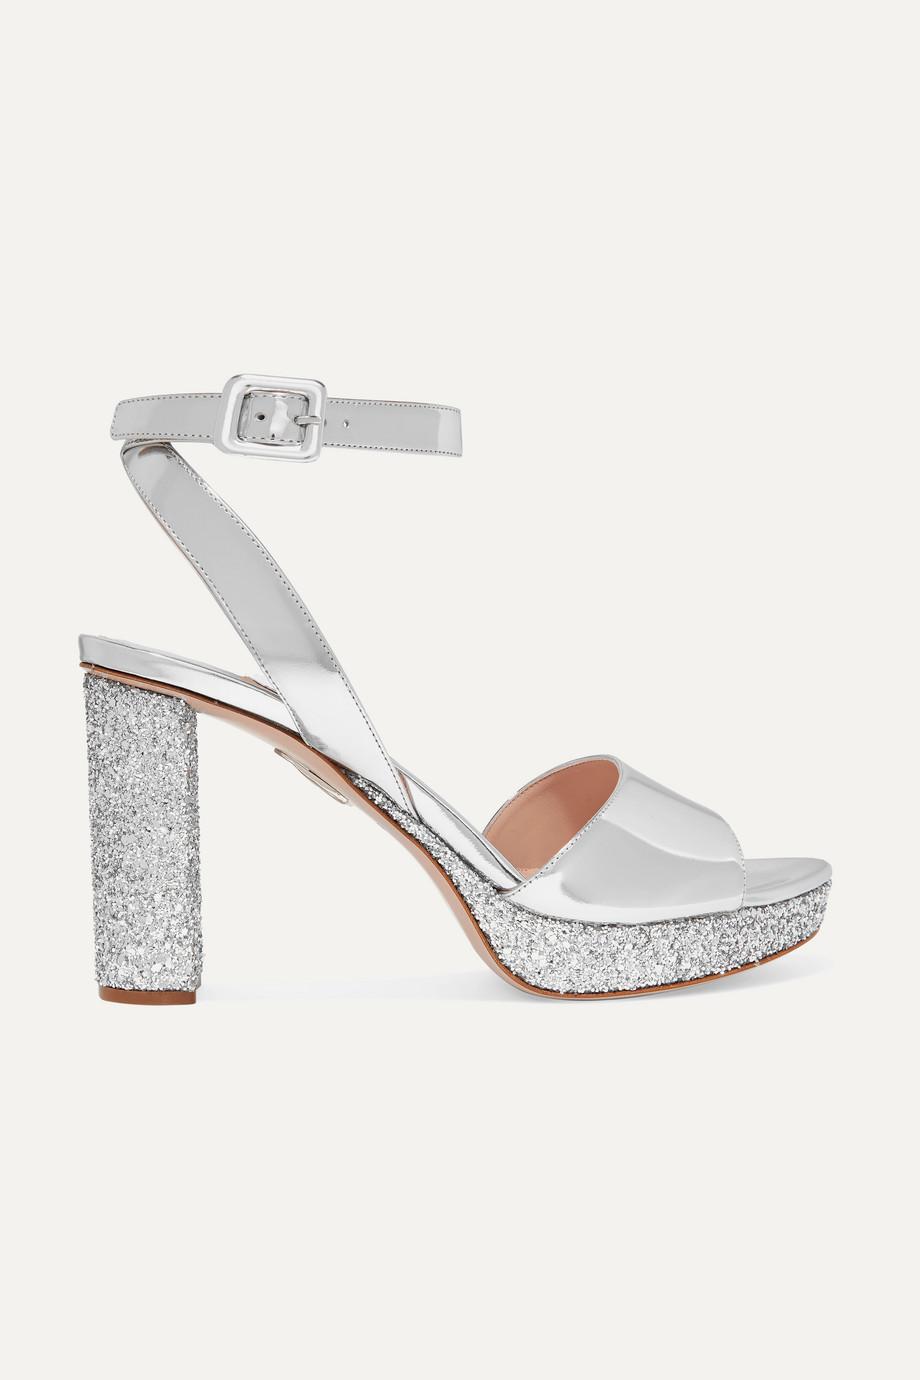 Miu Miu Glittered mirrored-leather platform sandals